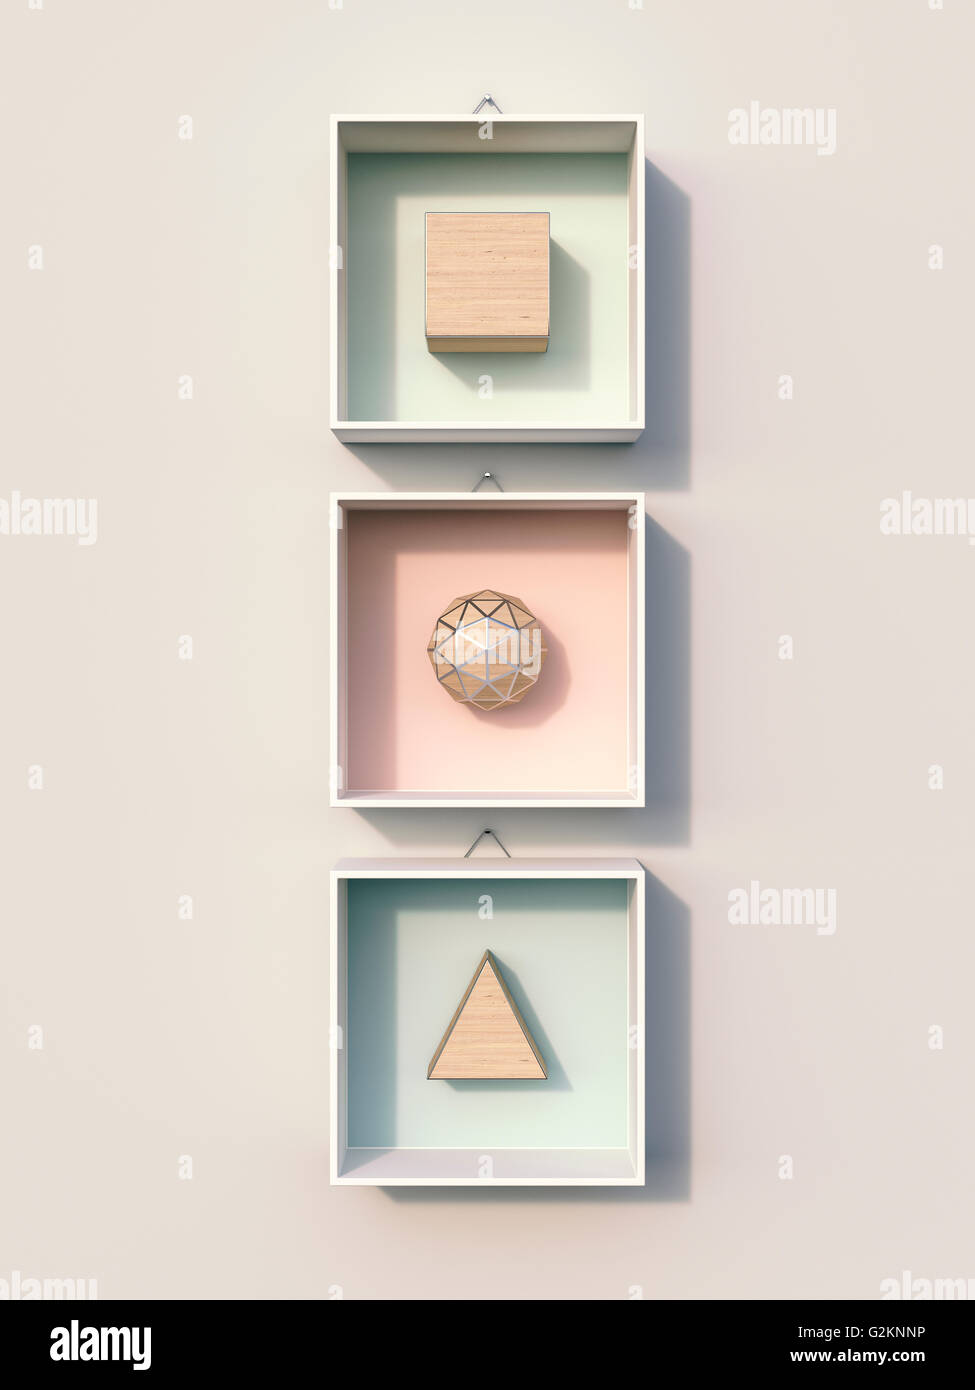 La pendaison des formes géométriques sur le mur, rendu 3D Photo Stock